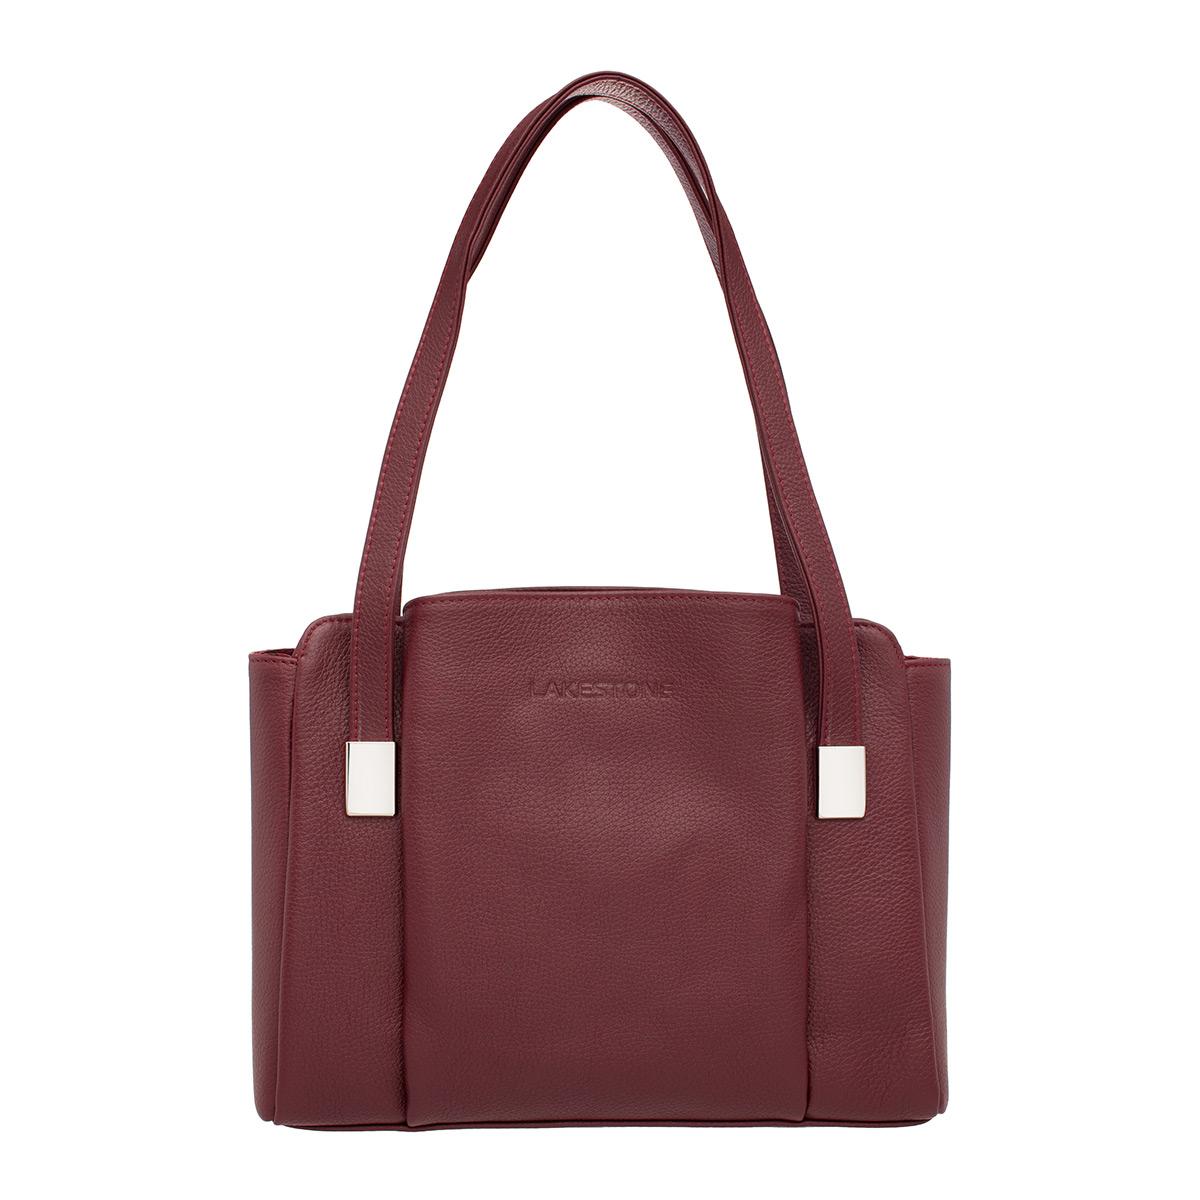 Кожаная женская сумка Tara Burgundy фото